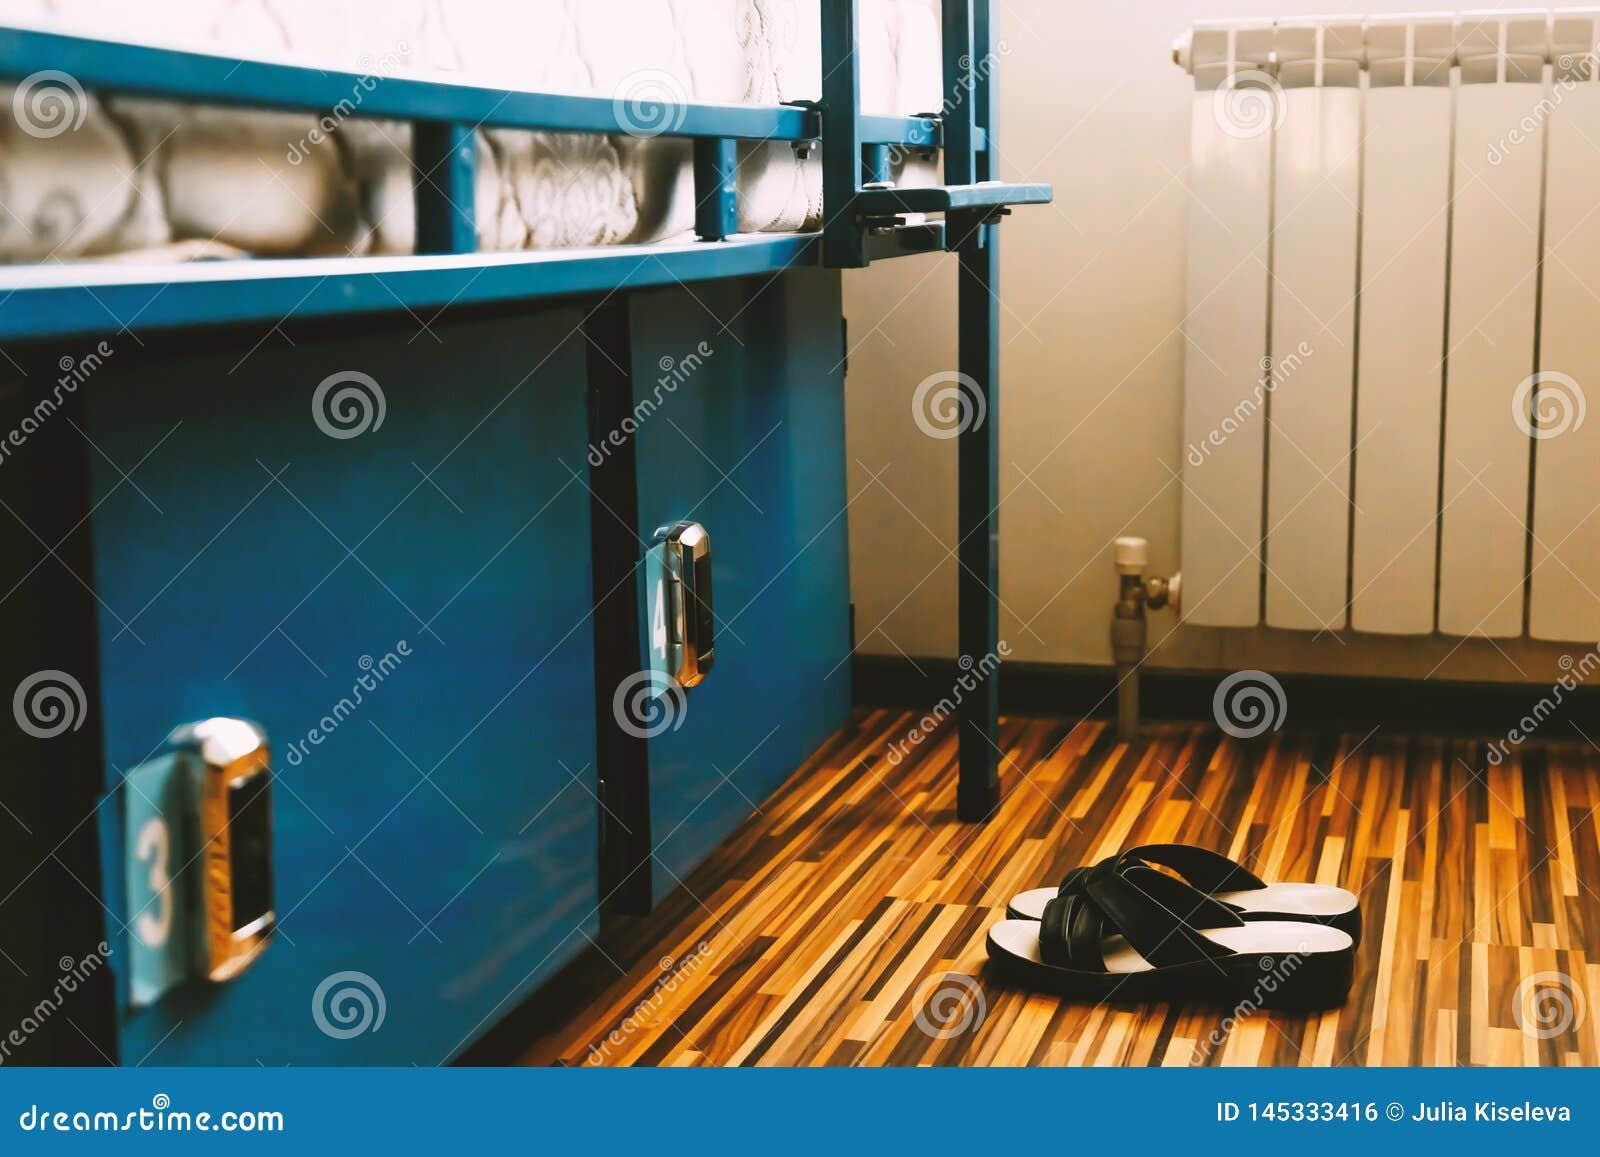 Пара ботинок сидит на поле гостиничного номера